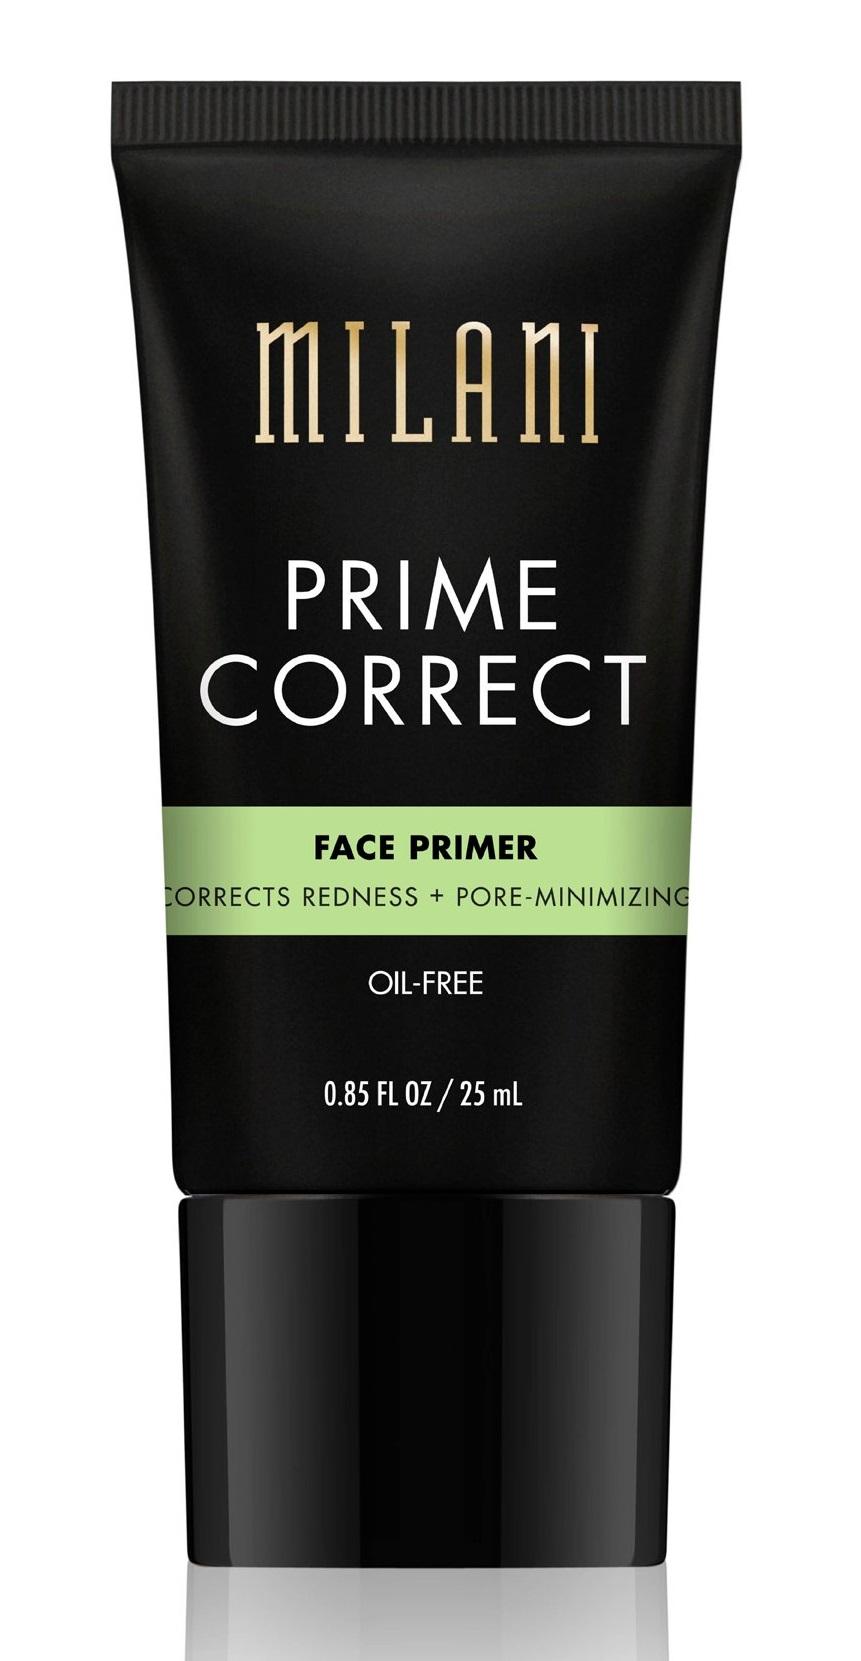 Milani Redness and Pore Minimizing Face Primer